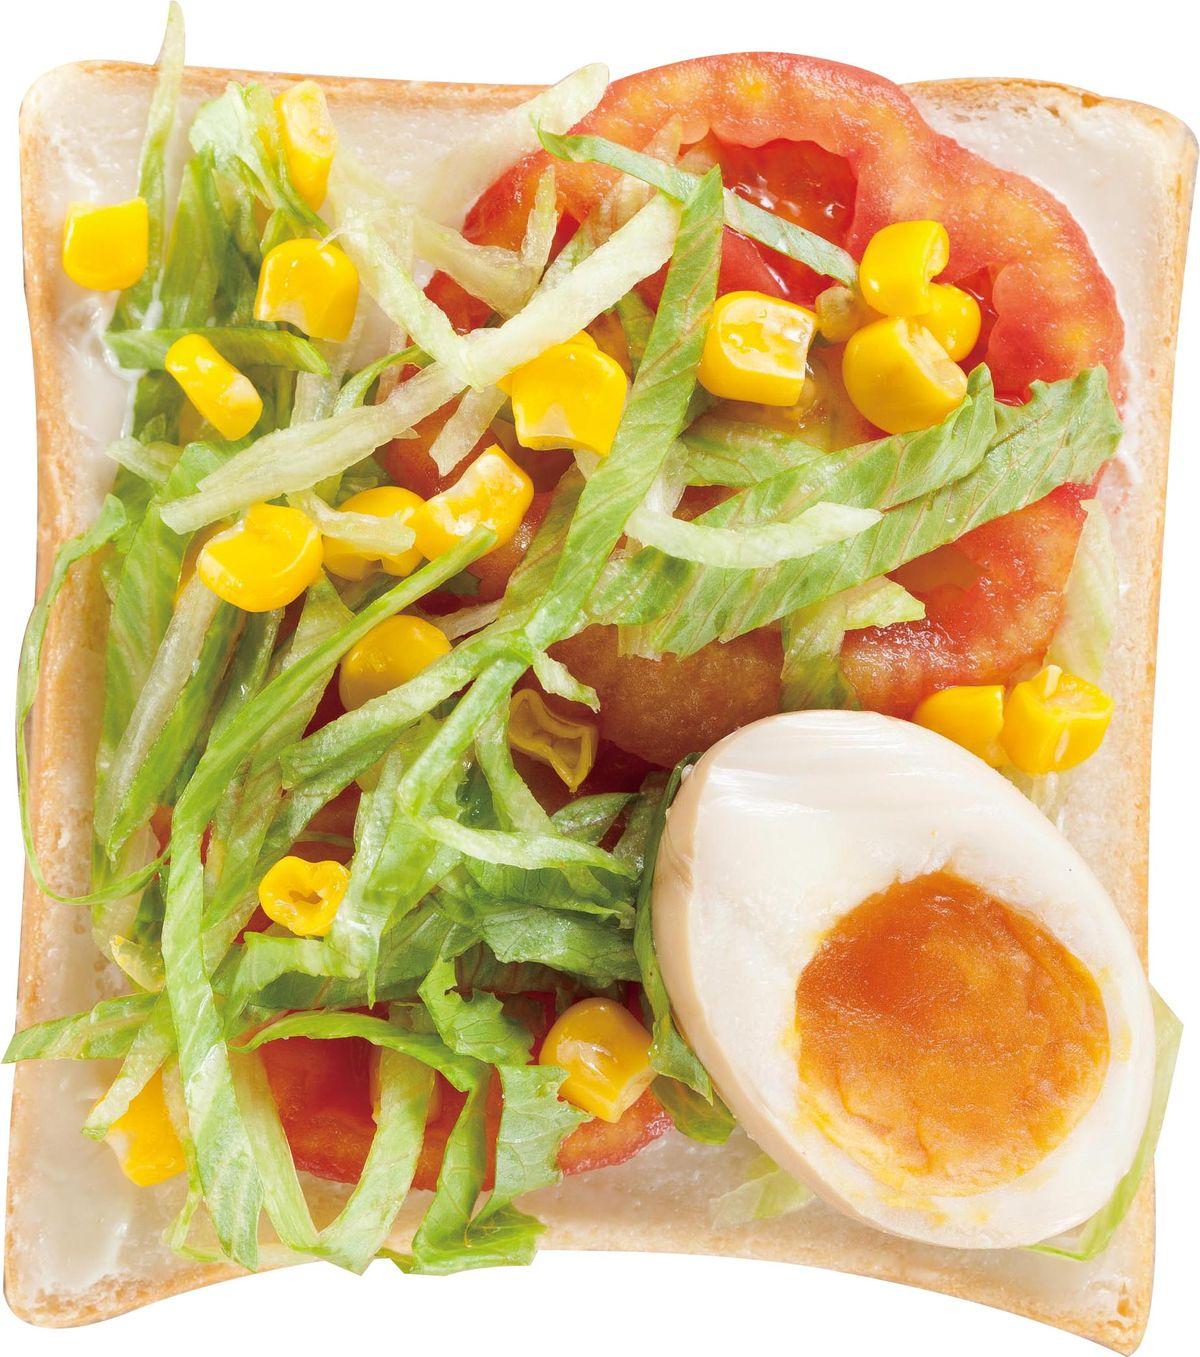 食譜:鮮蔬糖心蛋土司